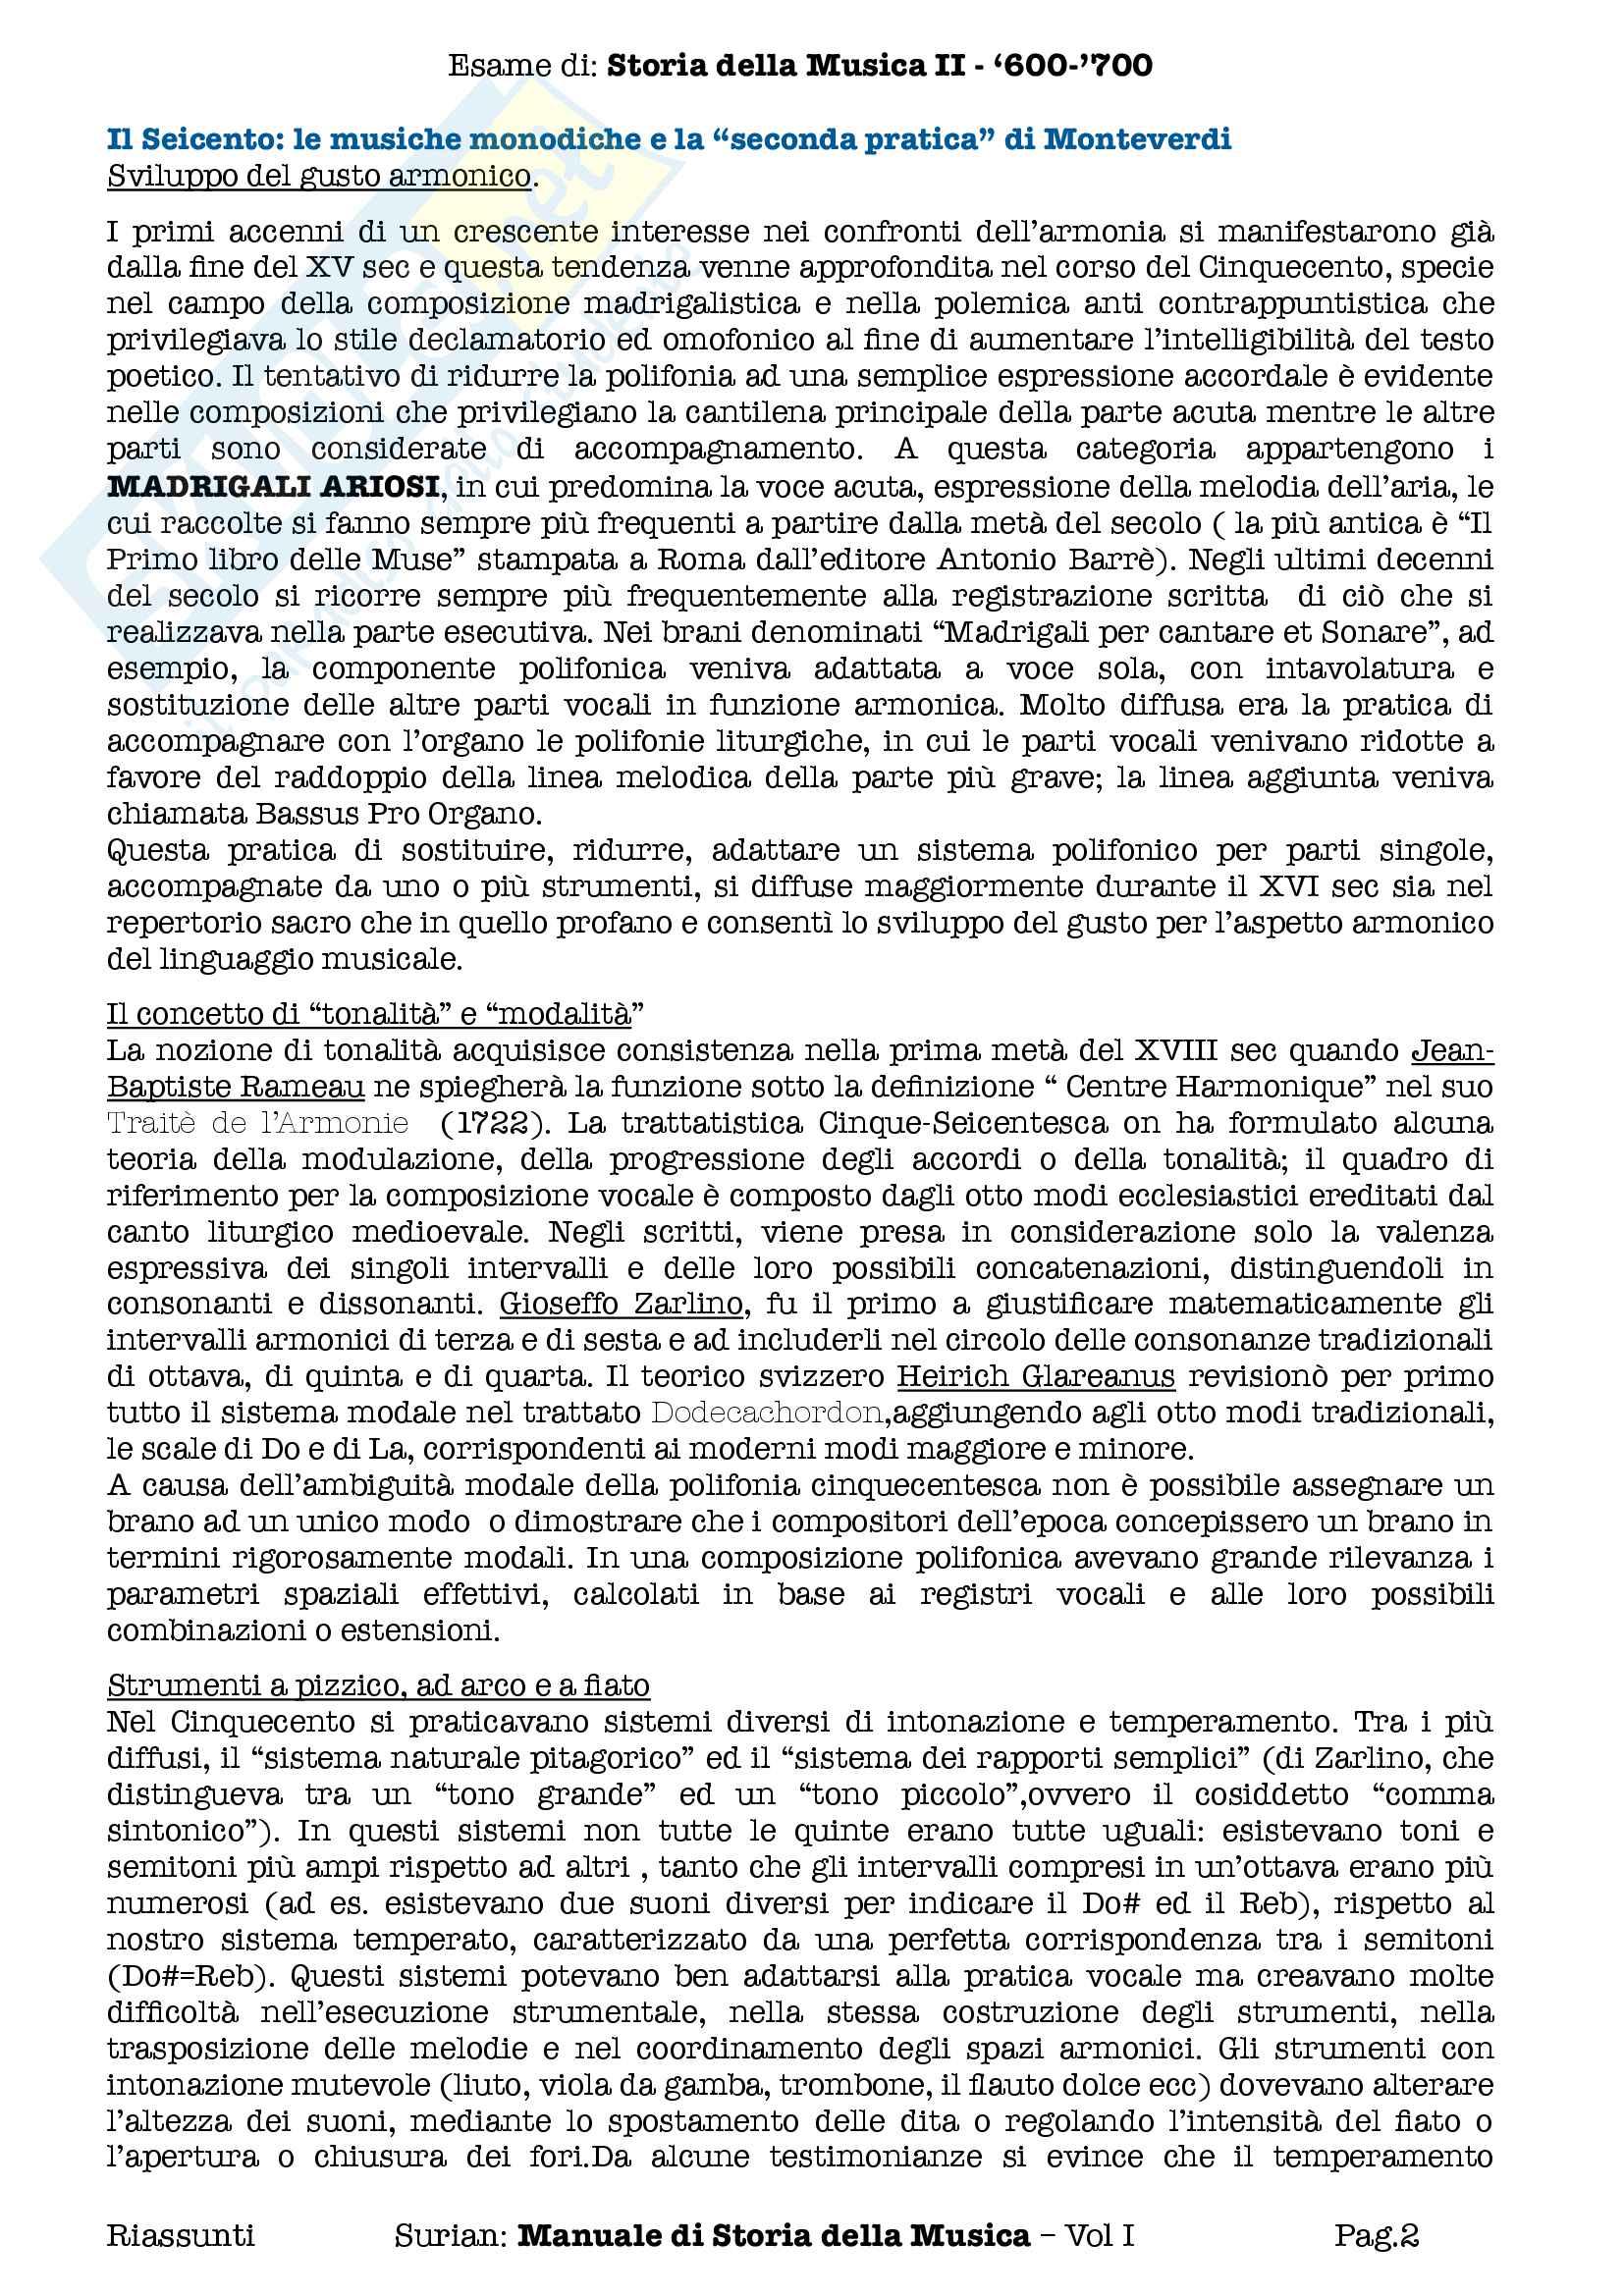 Riassunti esame Storia della Musica II 600 700, prof Pasquini. Libro consigliato Manuale di Storia della Musica, Surian, Vol. I Pag. 2